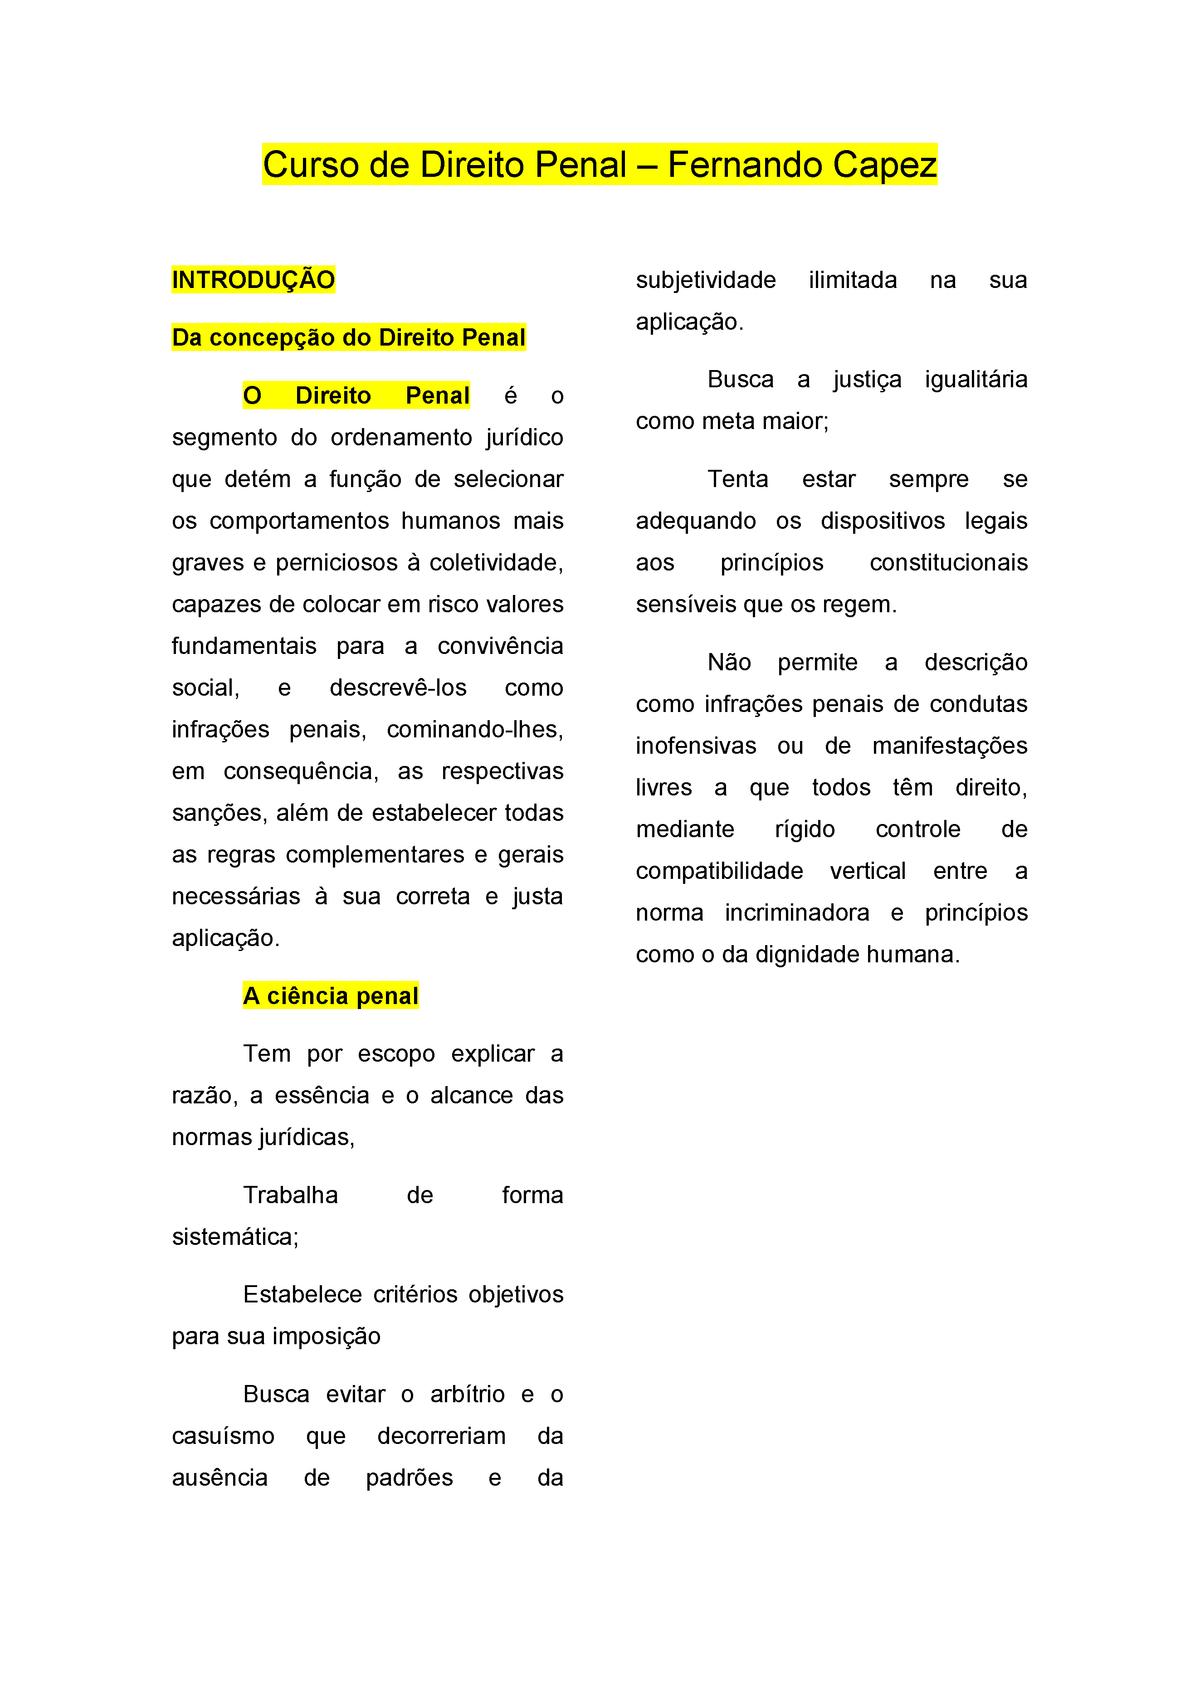 BAIXAR DIREITO CAPEZ FERNANDO LIVRO O PENAL